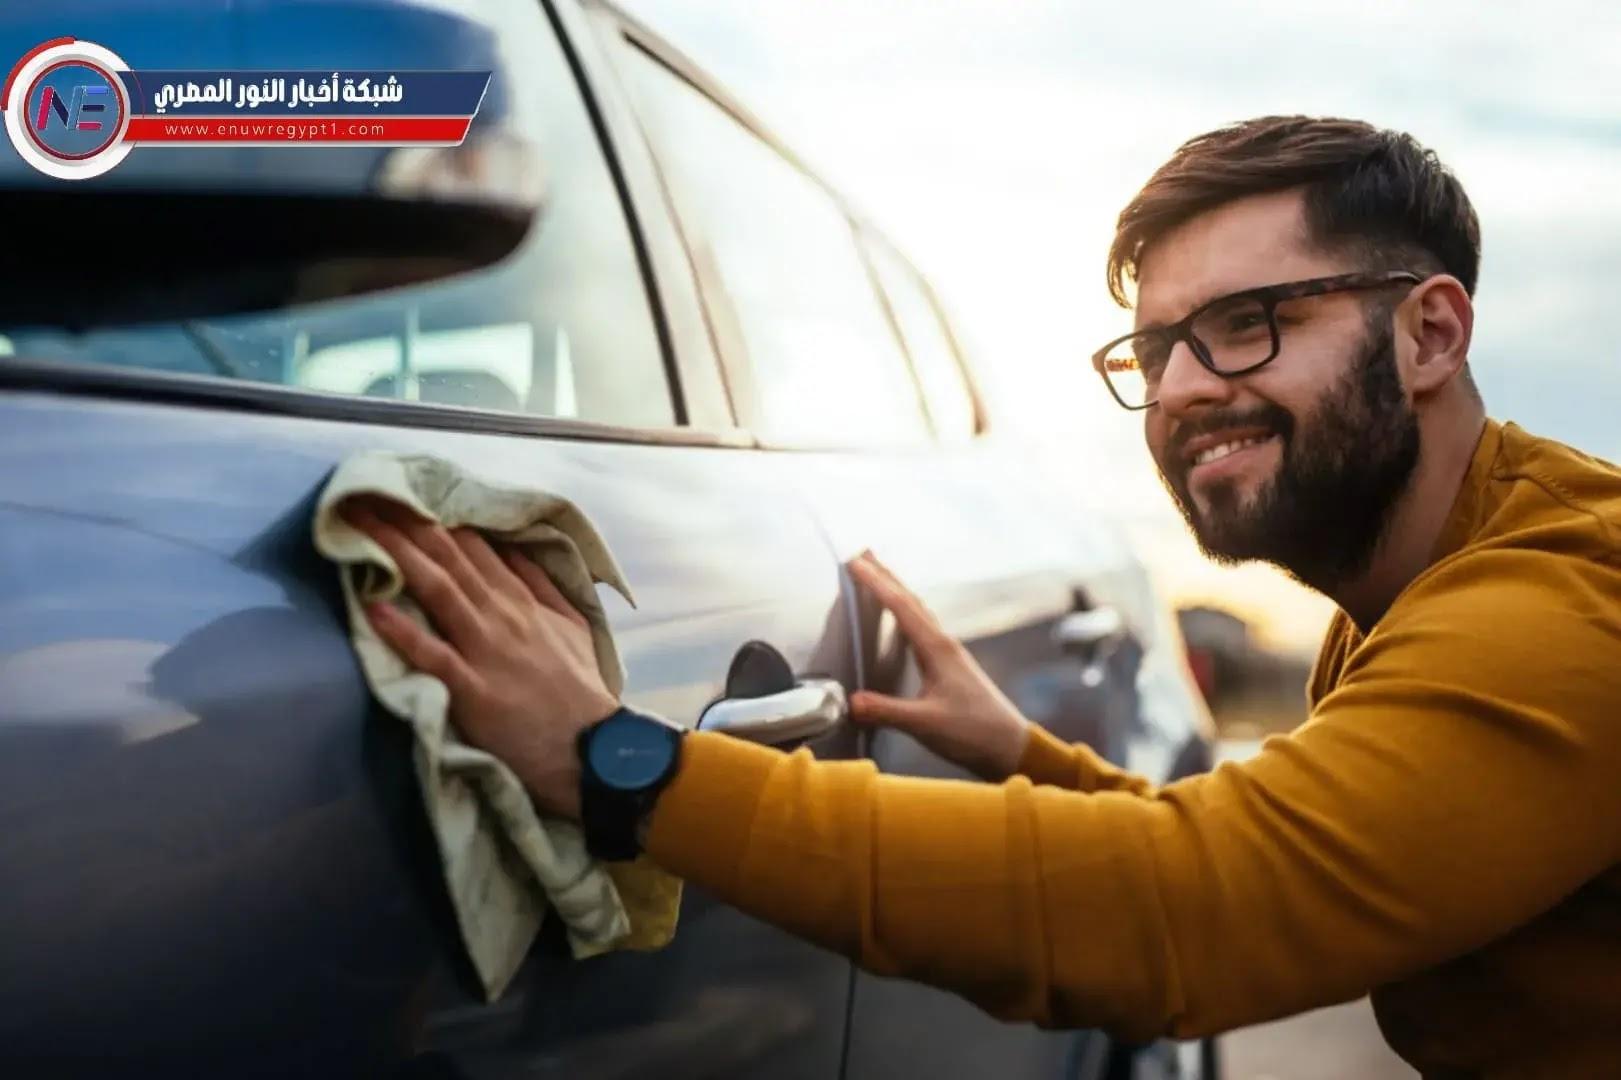 افضل 10 نصائح للحفاظ على سيارتك في حالة صحية